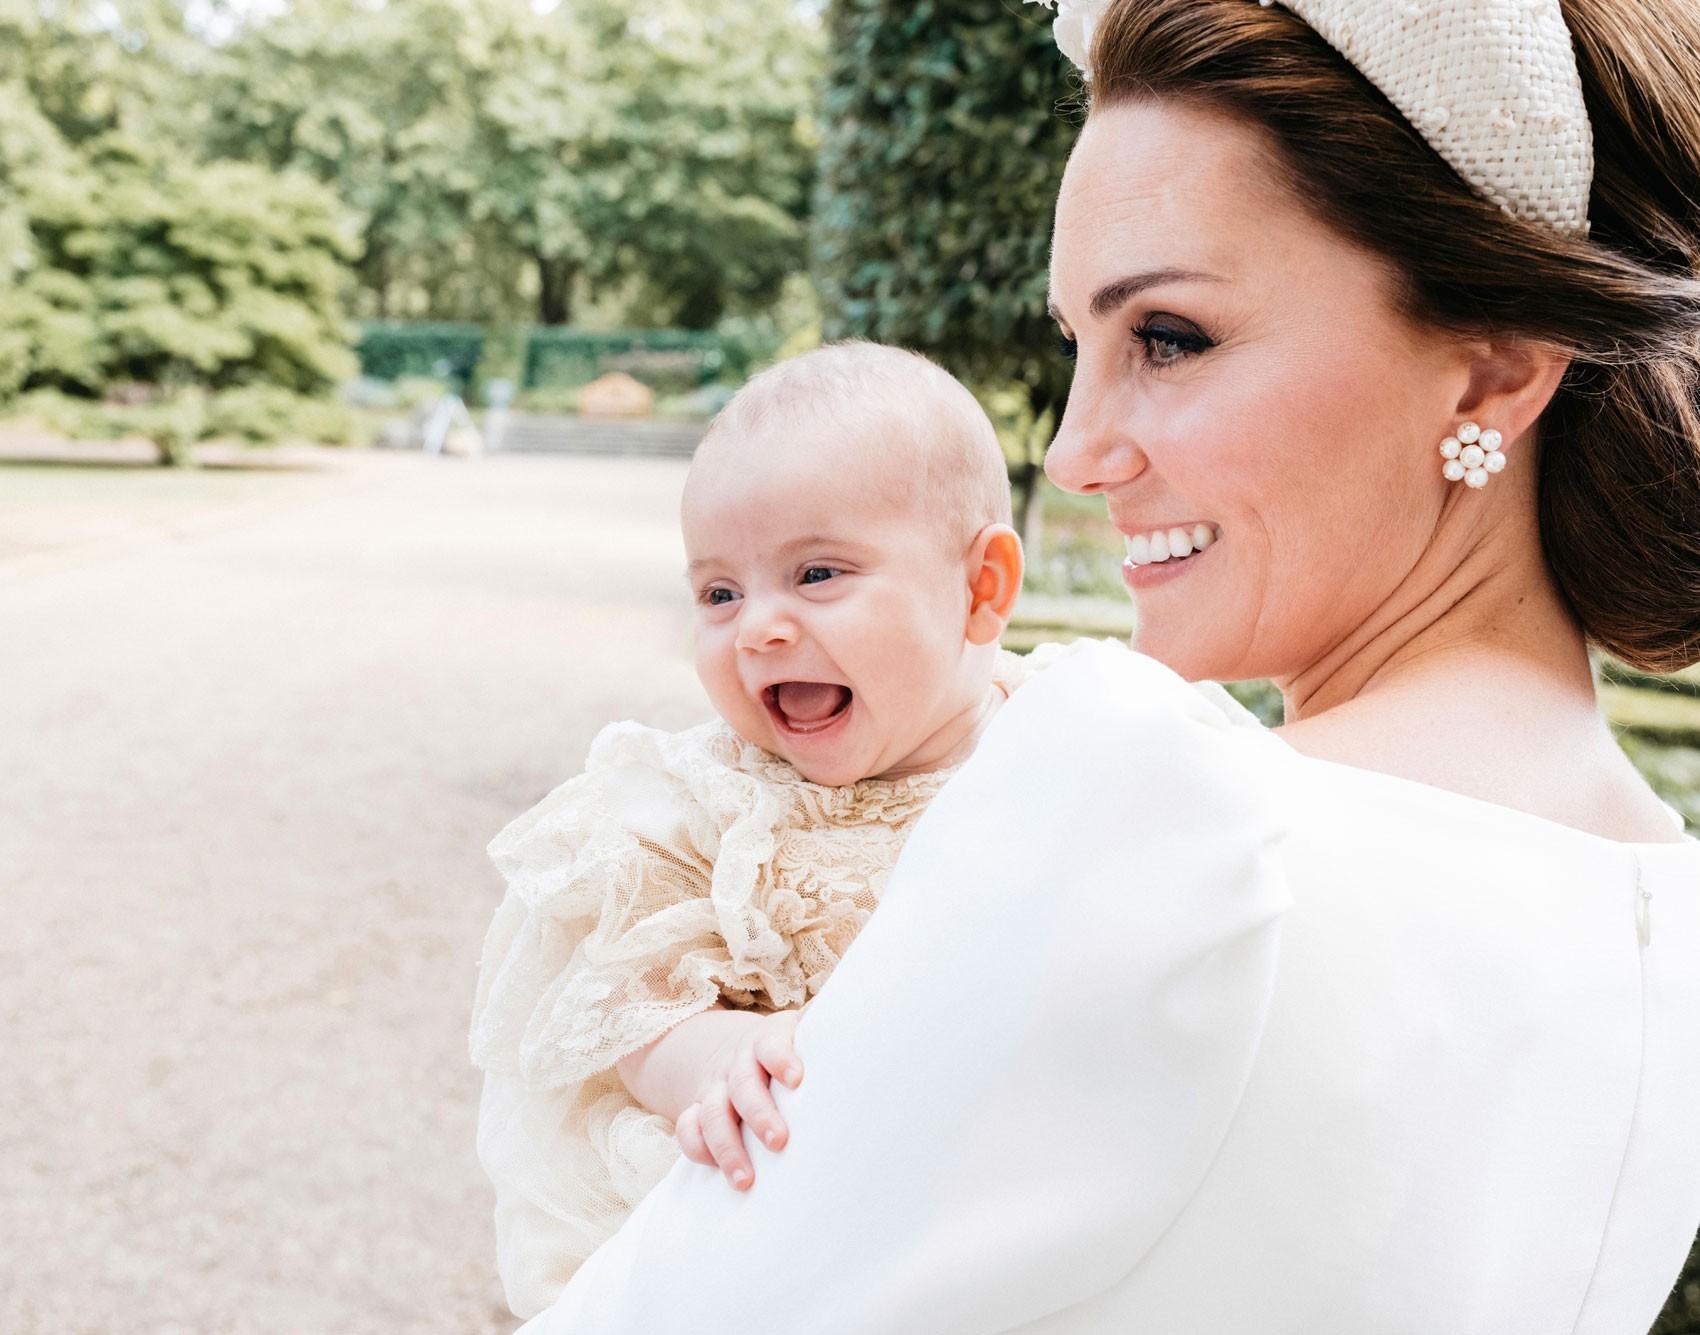 Novas fotos do batizado do príncipe Louis são divulgadas